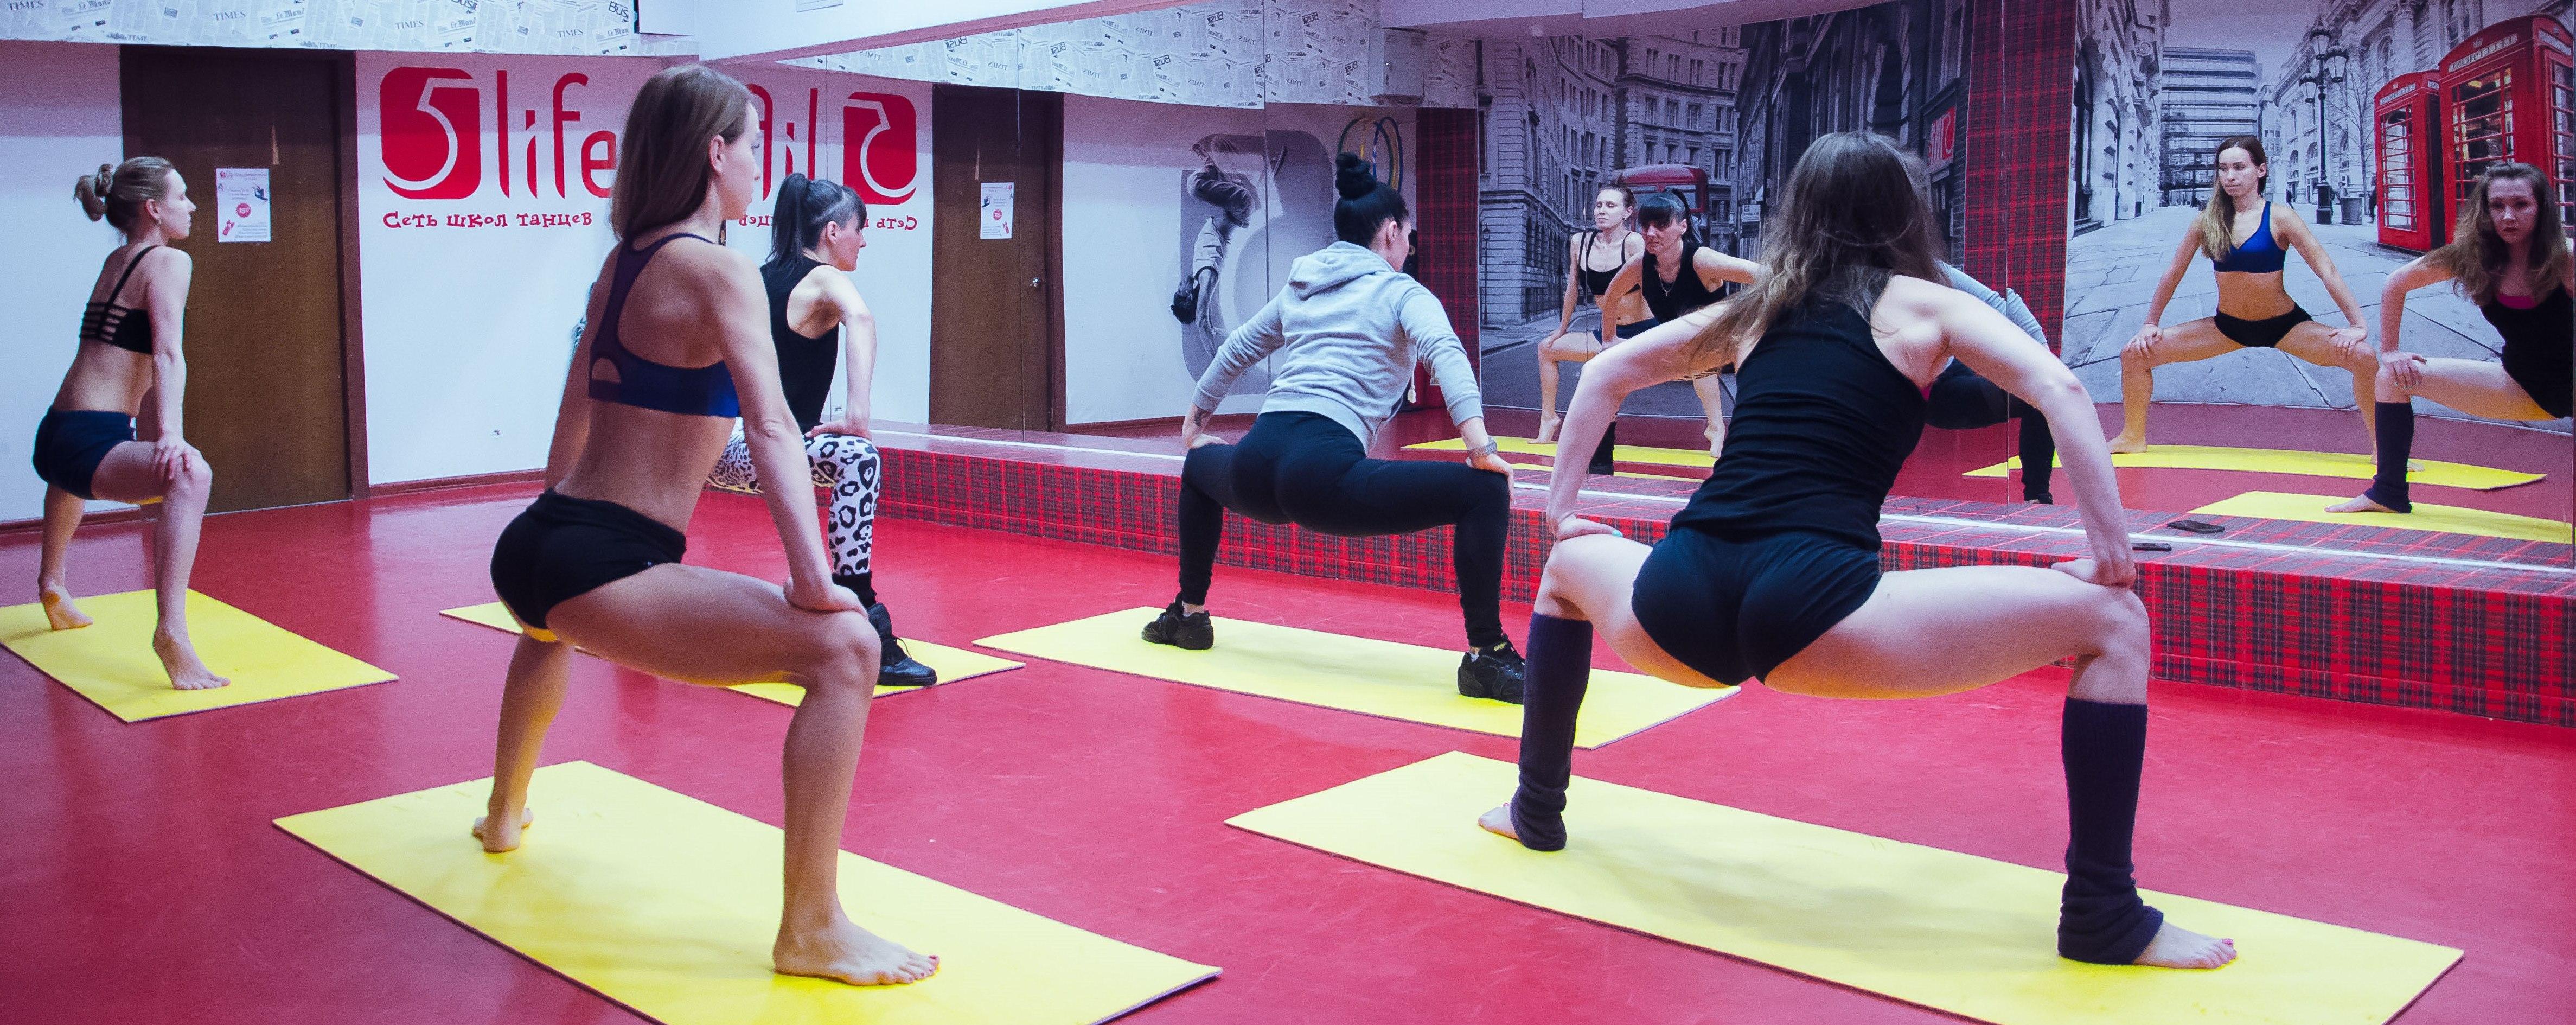 Танцевальная студия 5Life приглашает всех на занятия